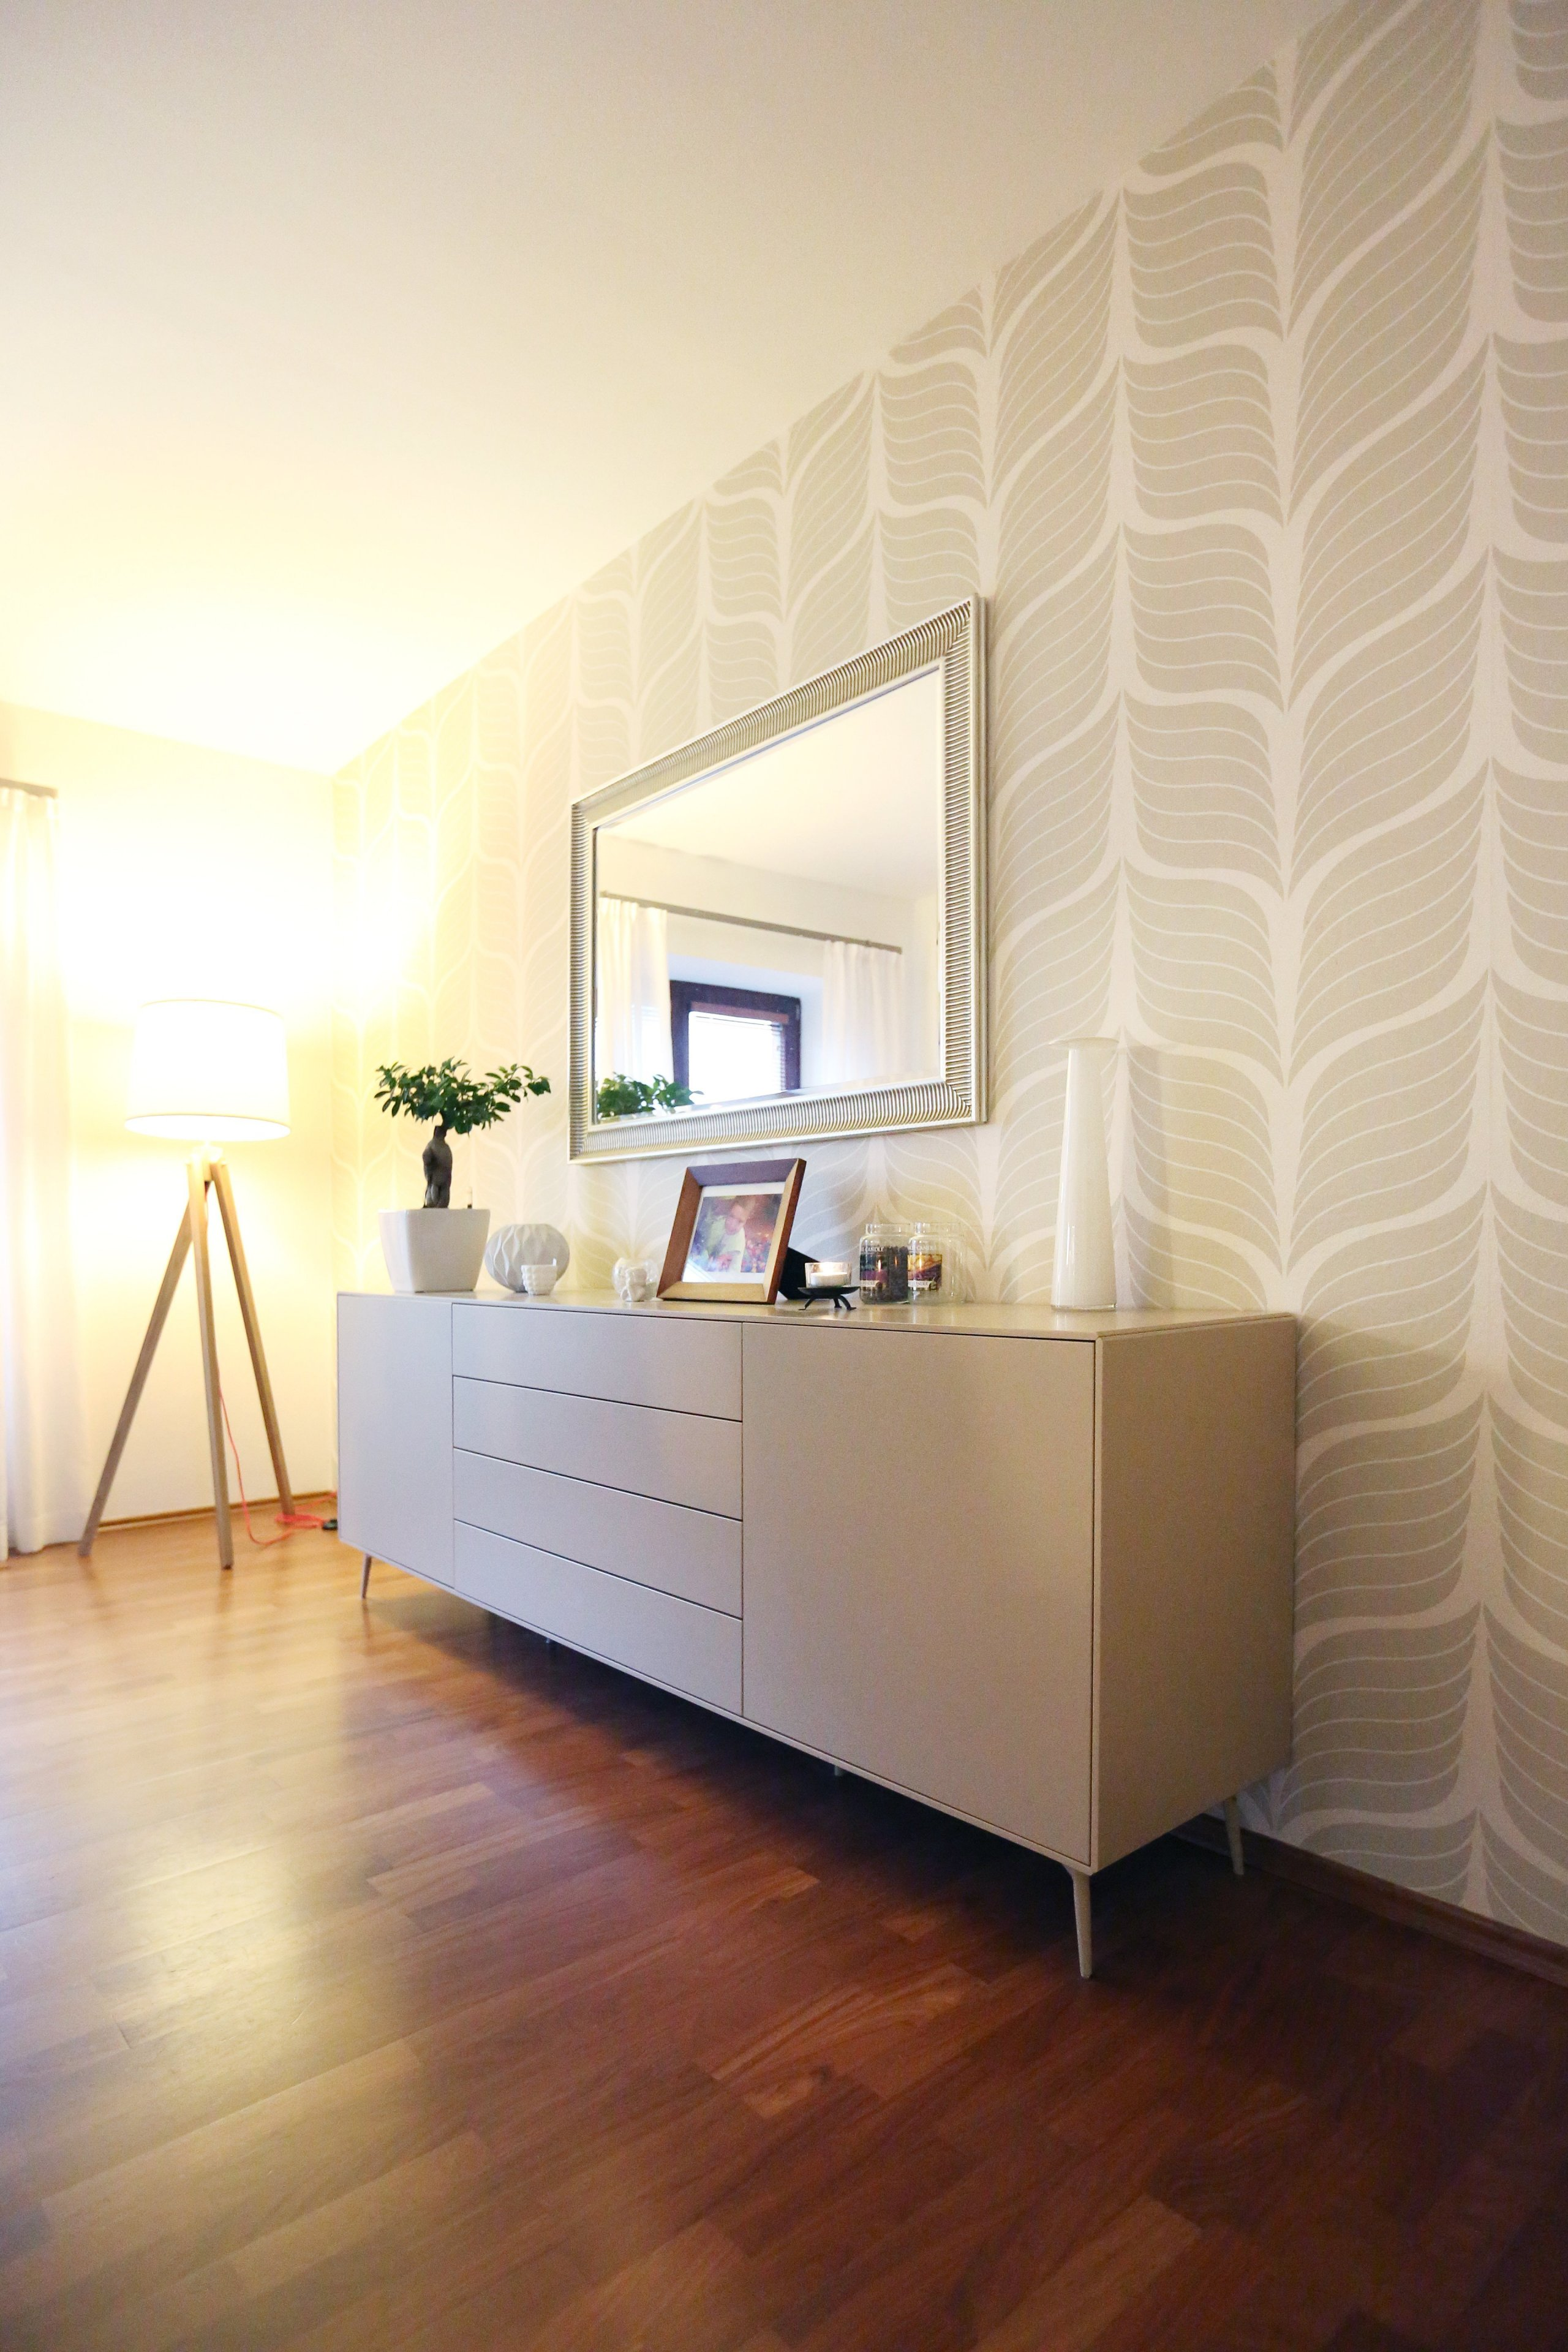 Renovace obývacího pokoje s jídelnou v rodinném domě ve středočeském kraji. Ta zahrnovala výrobu nábytku na míru z lakované MDF, dekorování stěn tapetami a…